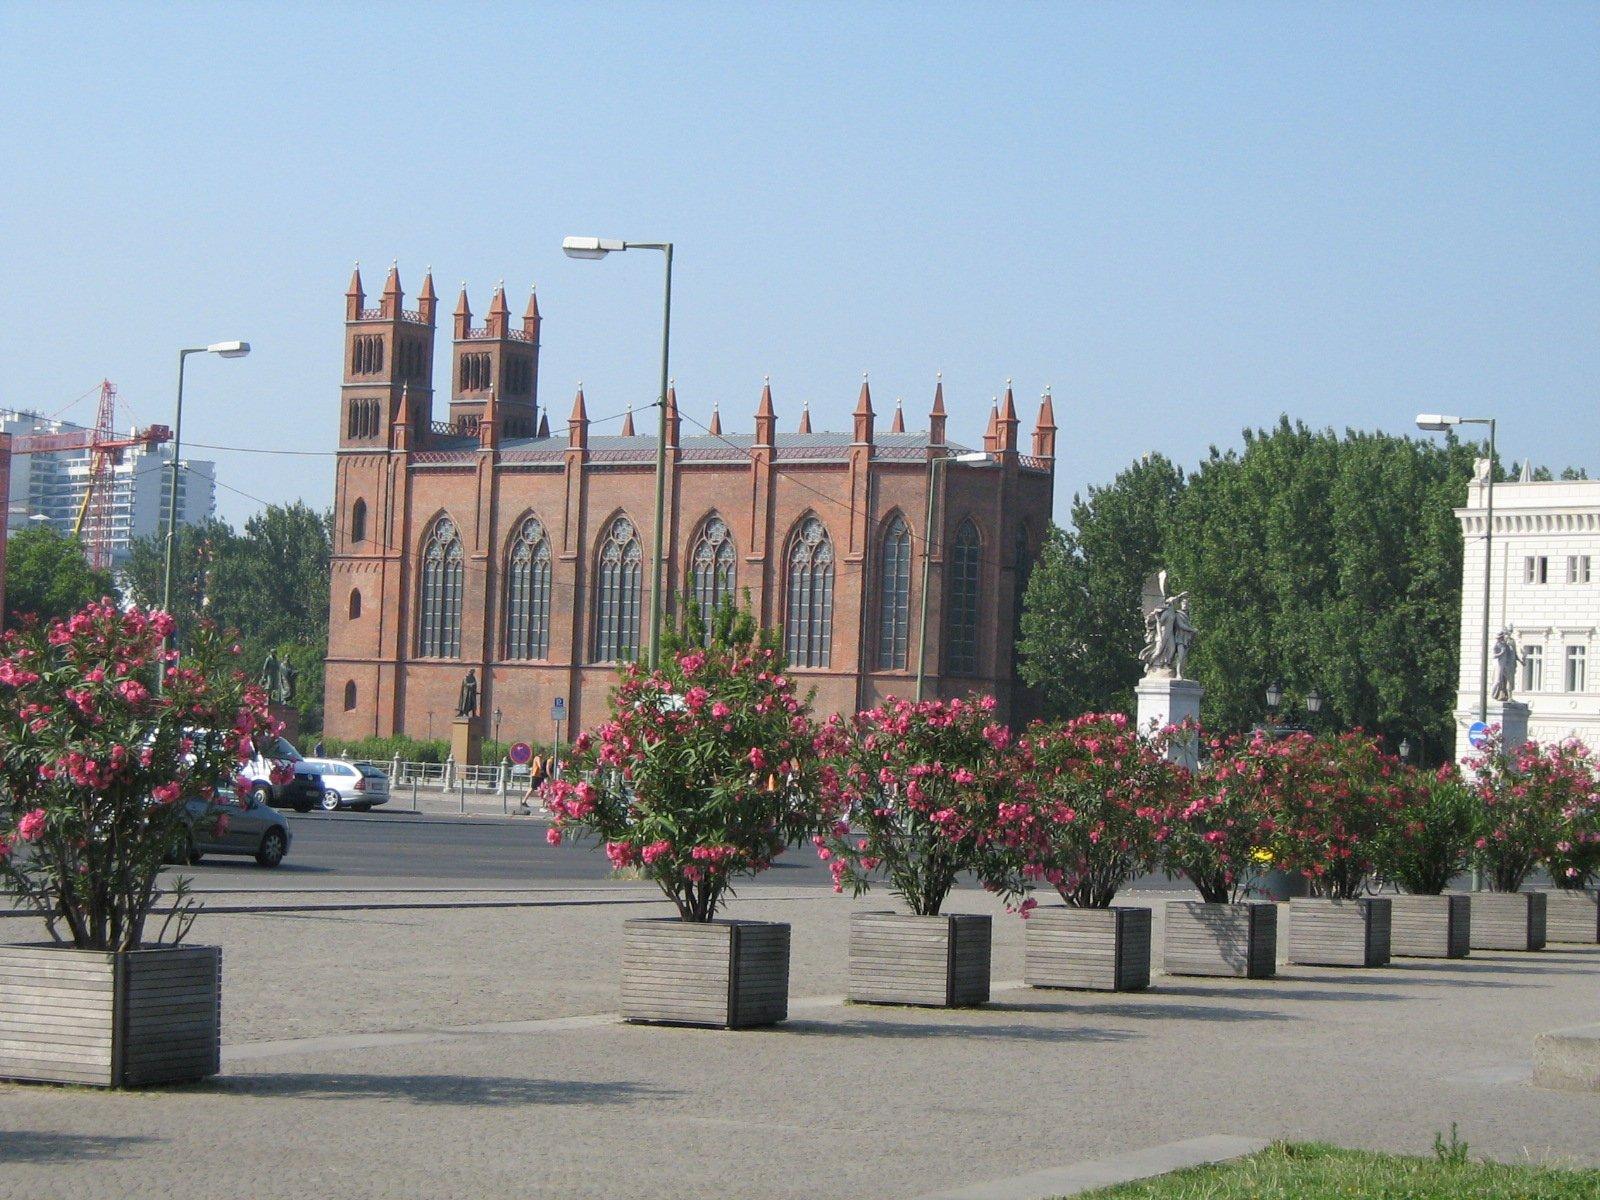 Фридрихсвердерская церковь, Берлин, Германия. Июль, 2006